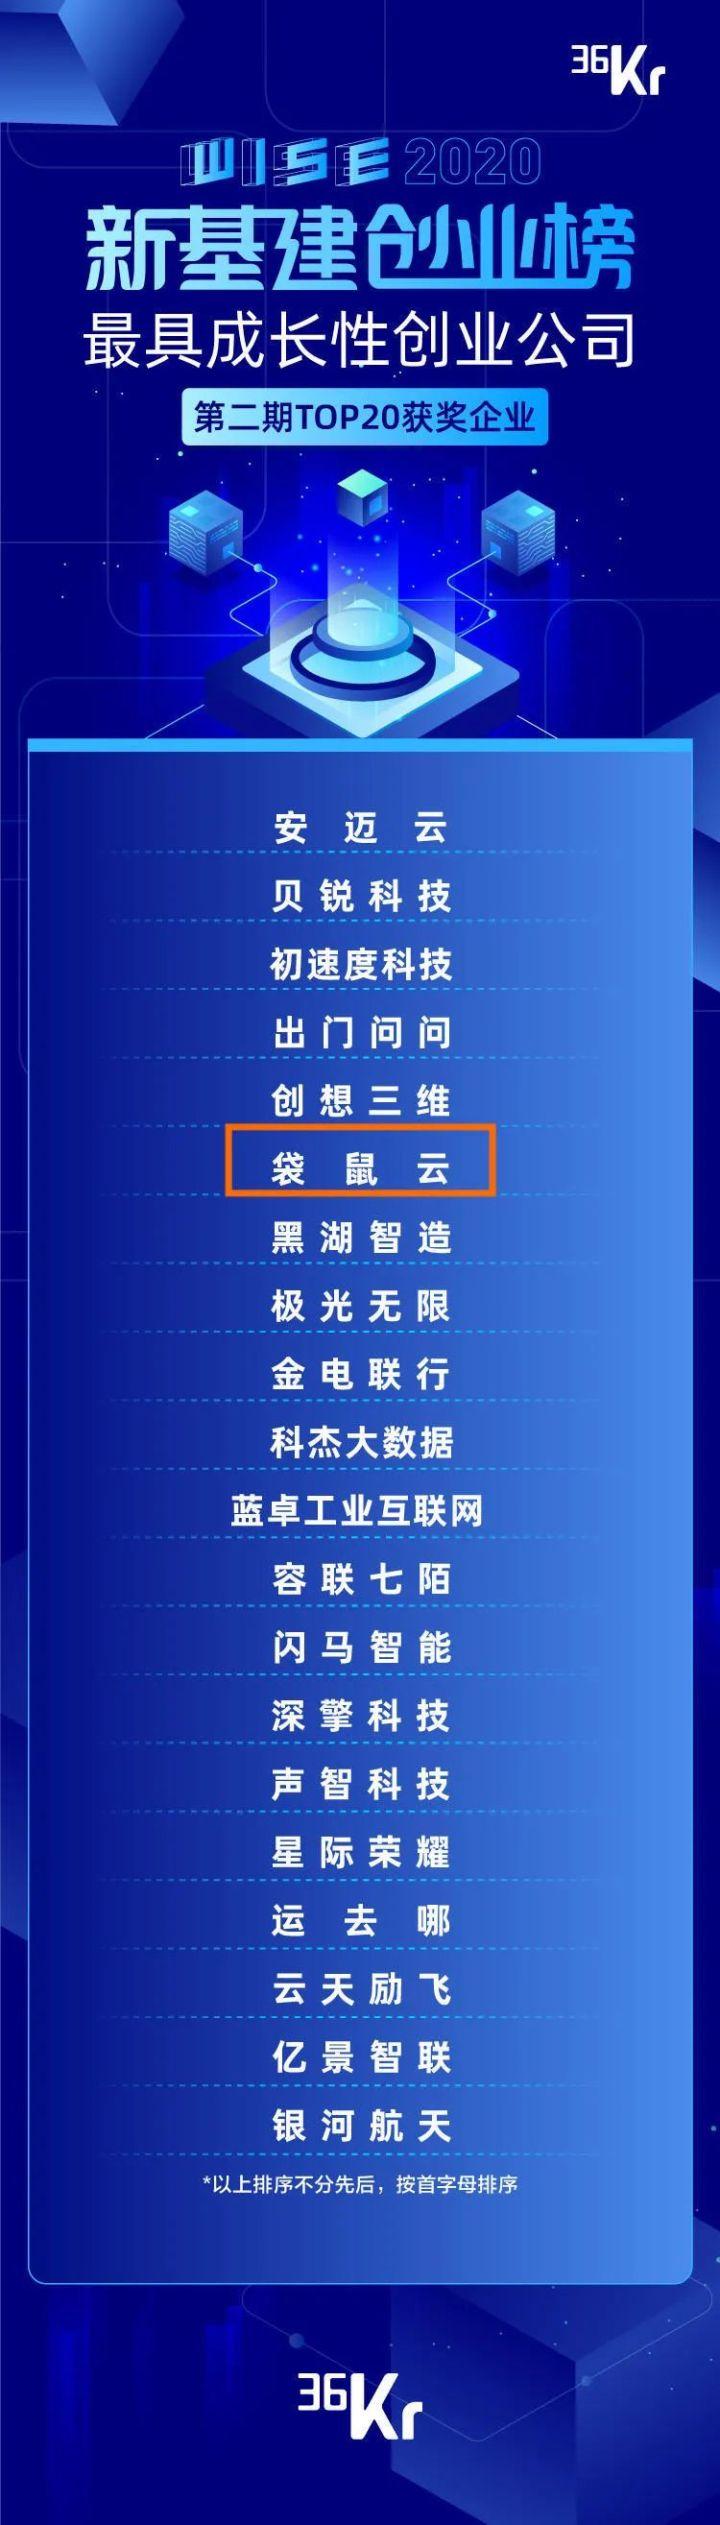 袋鼠云入选36氪第二期「最具成长性新基建创业公司 TOP20」榜单